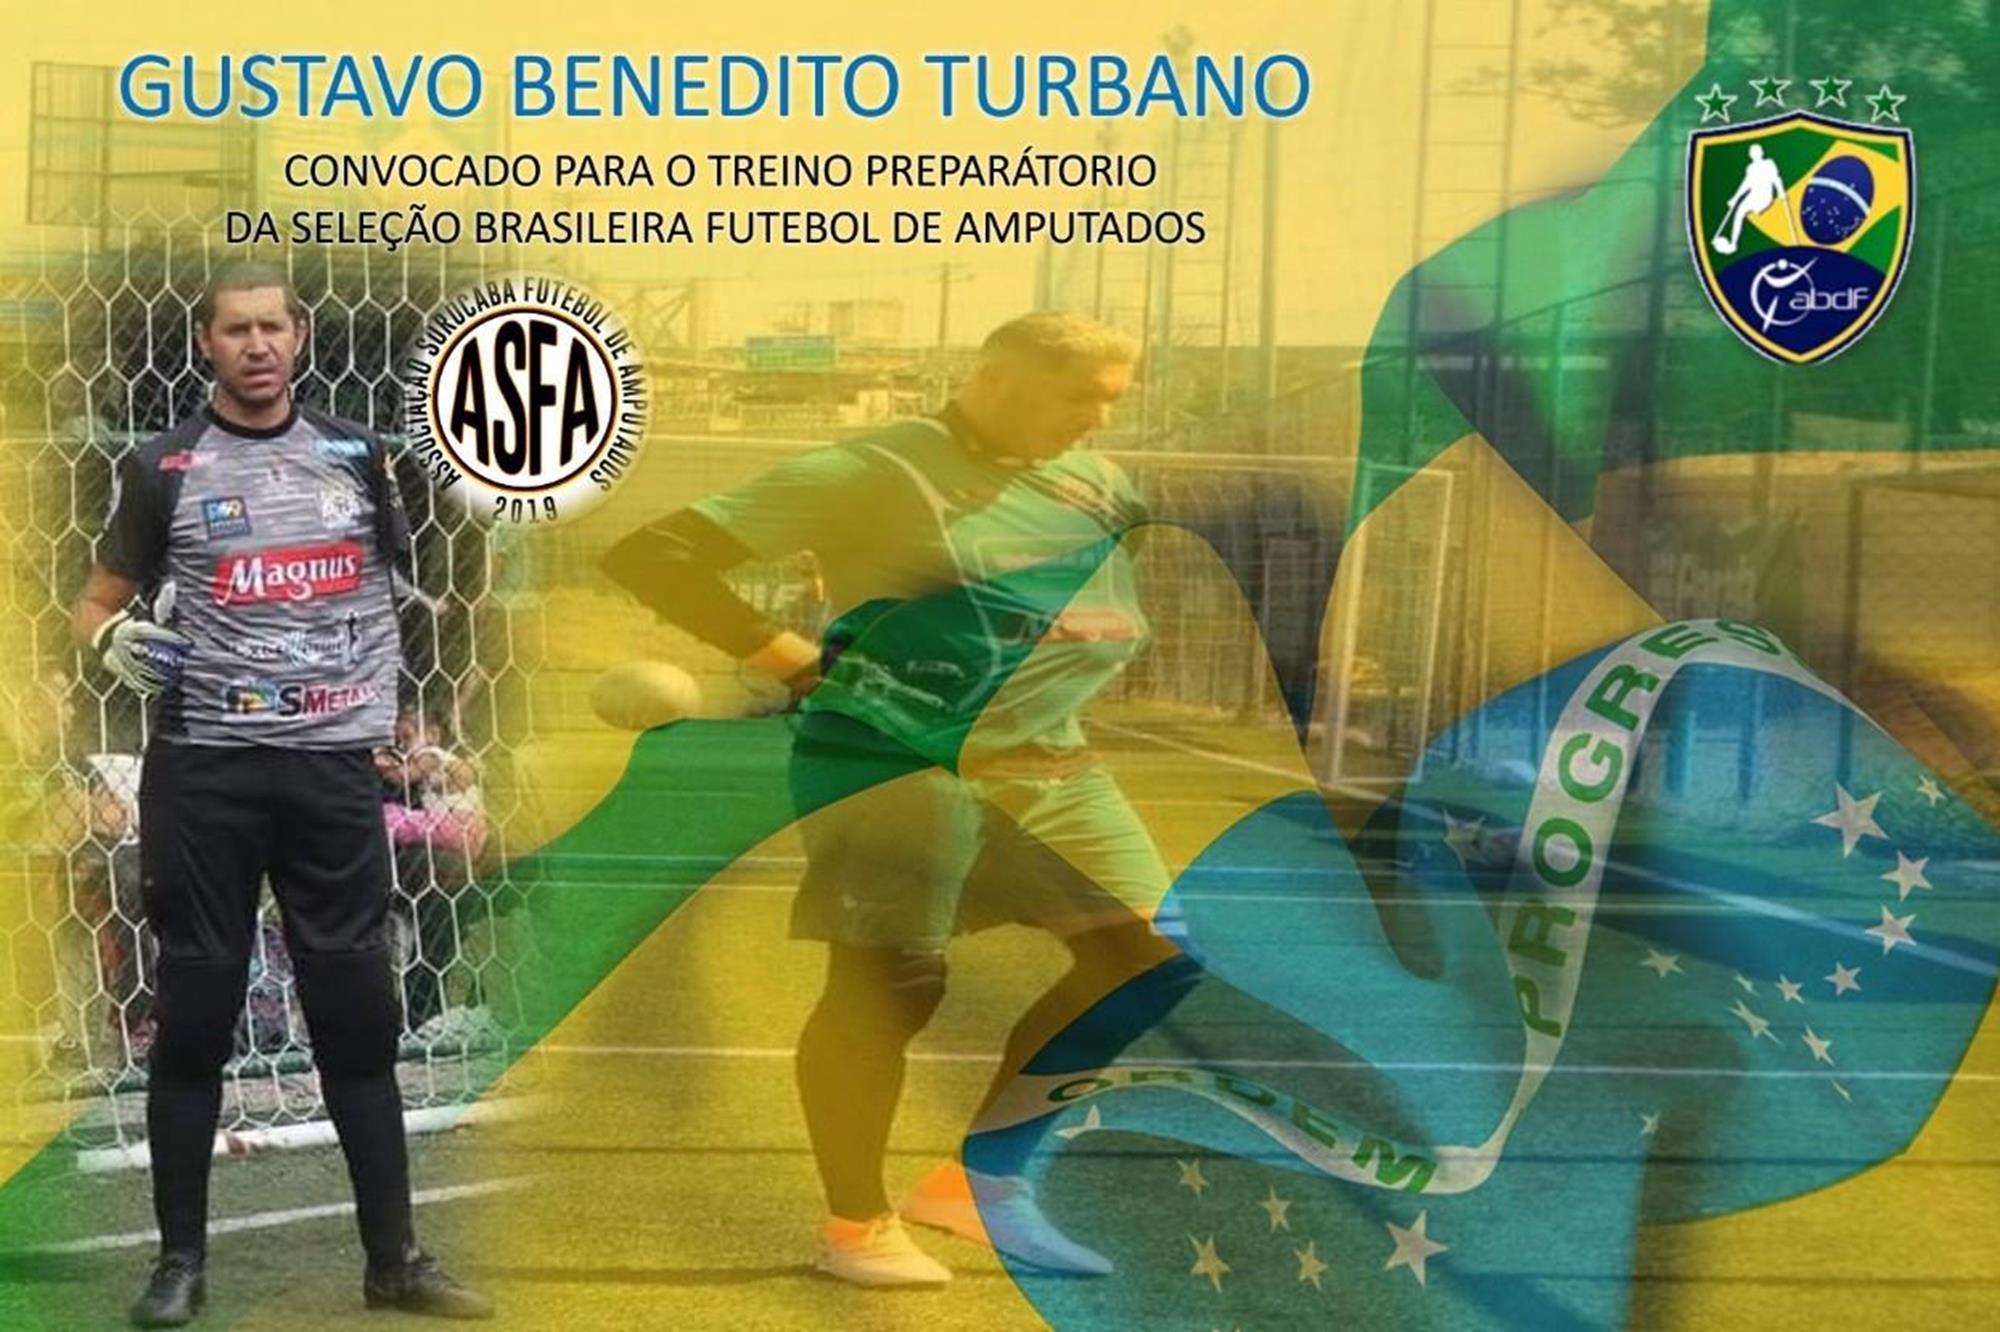 ##bitch, carolzinha, 2021, imprensa, Divulgação - Sorocaba Futebol de Amputados